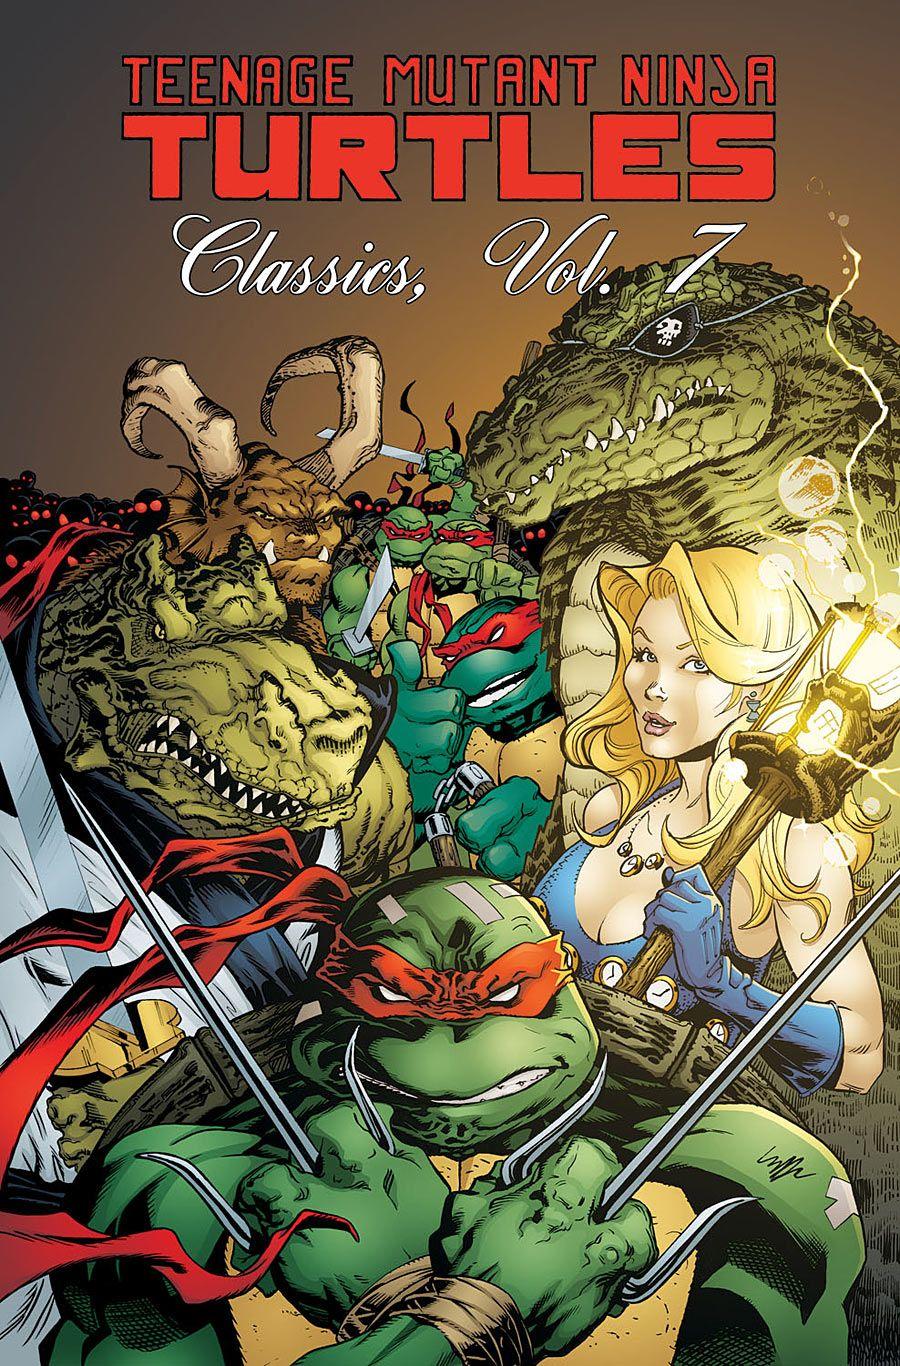 Teenage Mutant Ninja Turtles Classics Vol 7 Teenage Mutant Ninja Turtles Ninja Turtles Turtle